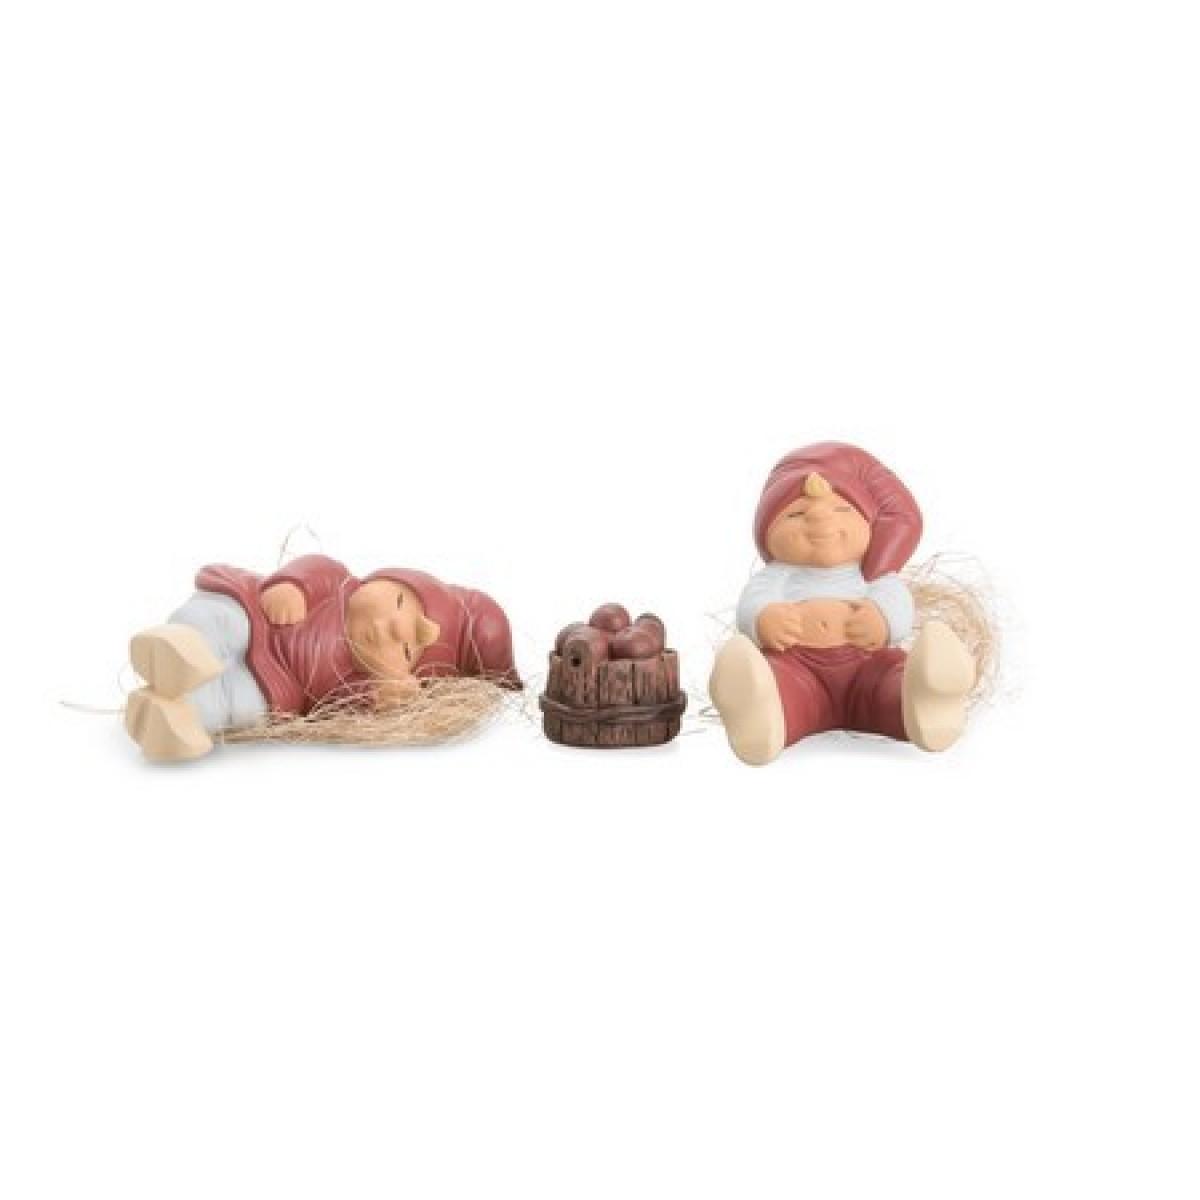 KLARBORG Mikkel & Amalie træbalje med æbler